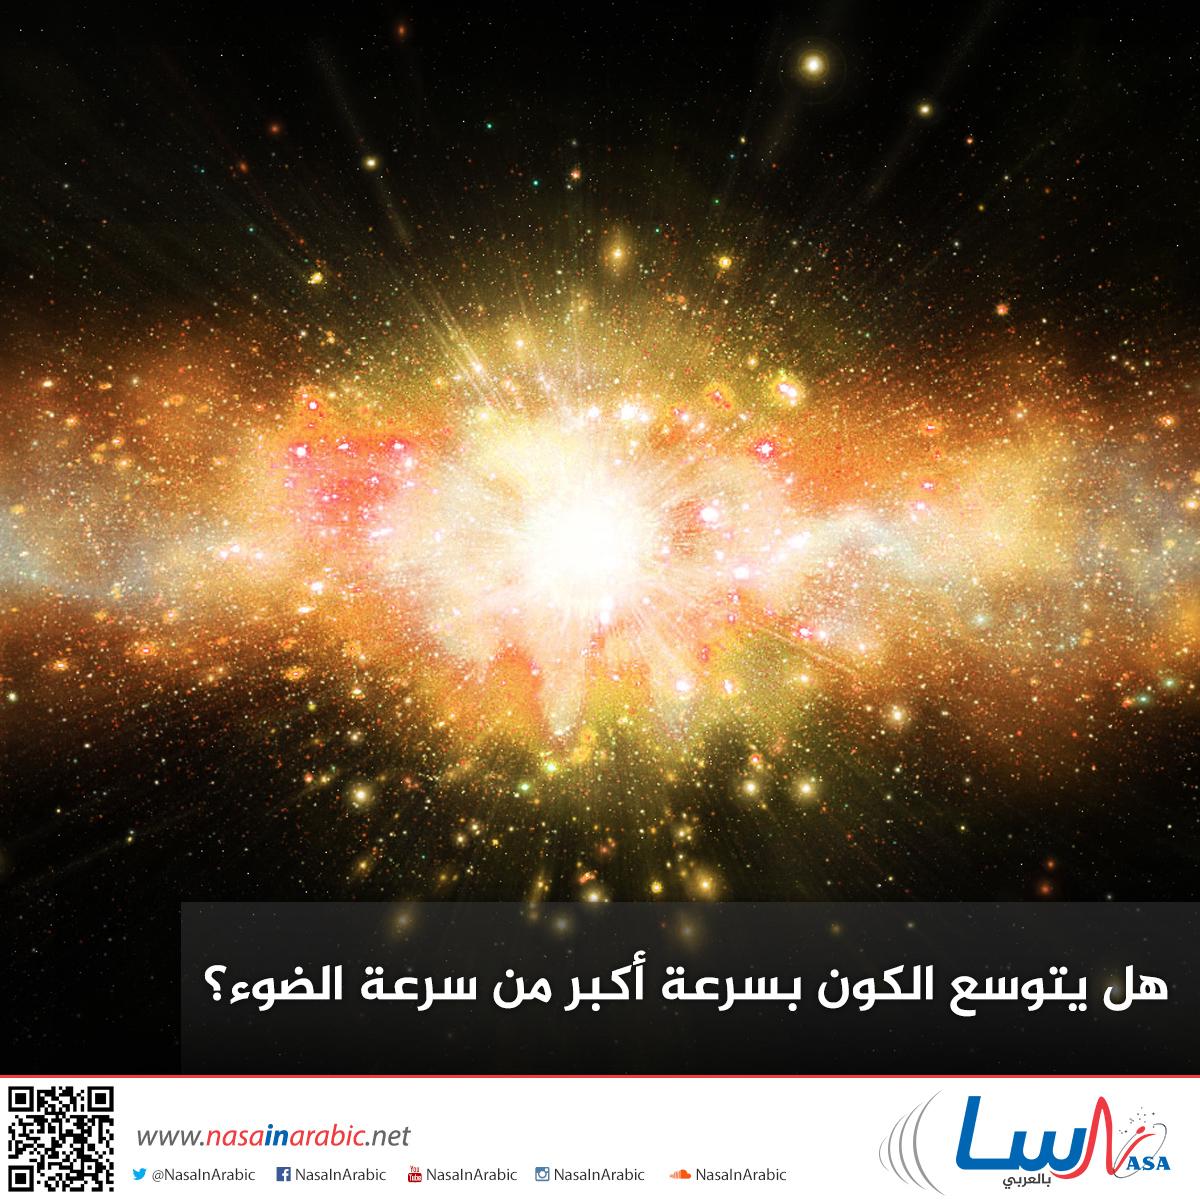 هل يتوسع الكون بسرعة أكبر من سرعة الضوء؟